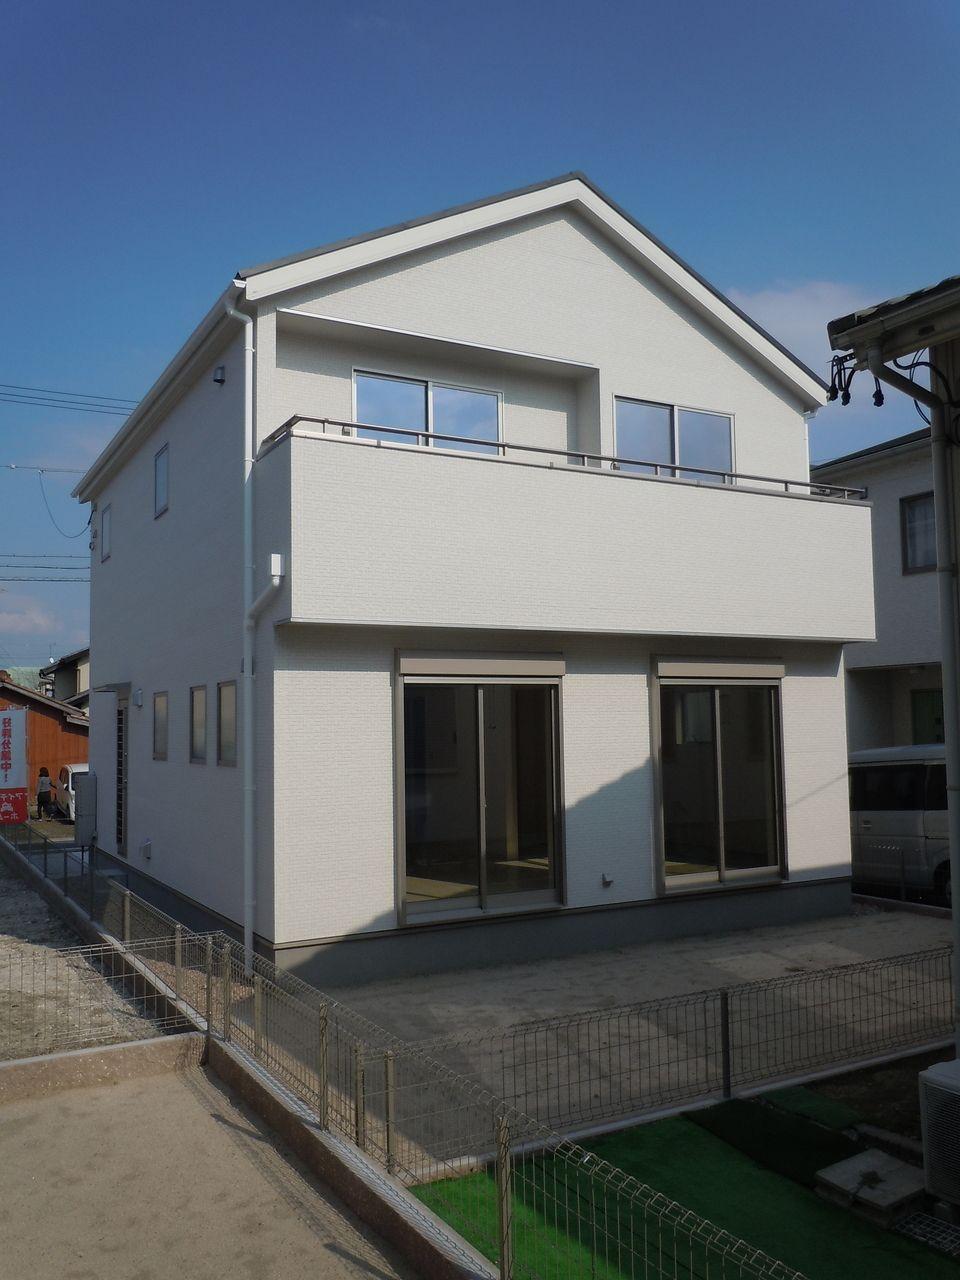 一建設株式会社の新築分譲住宅です。